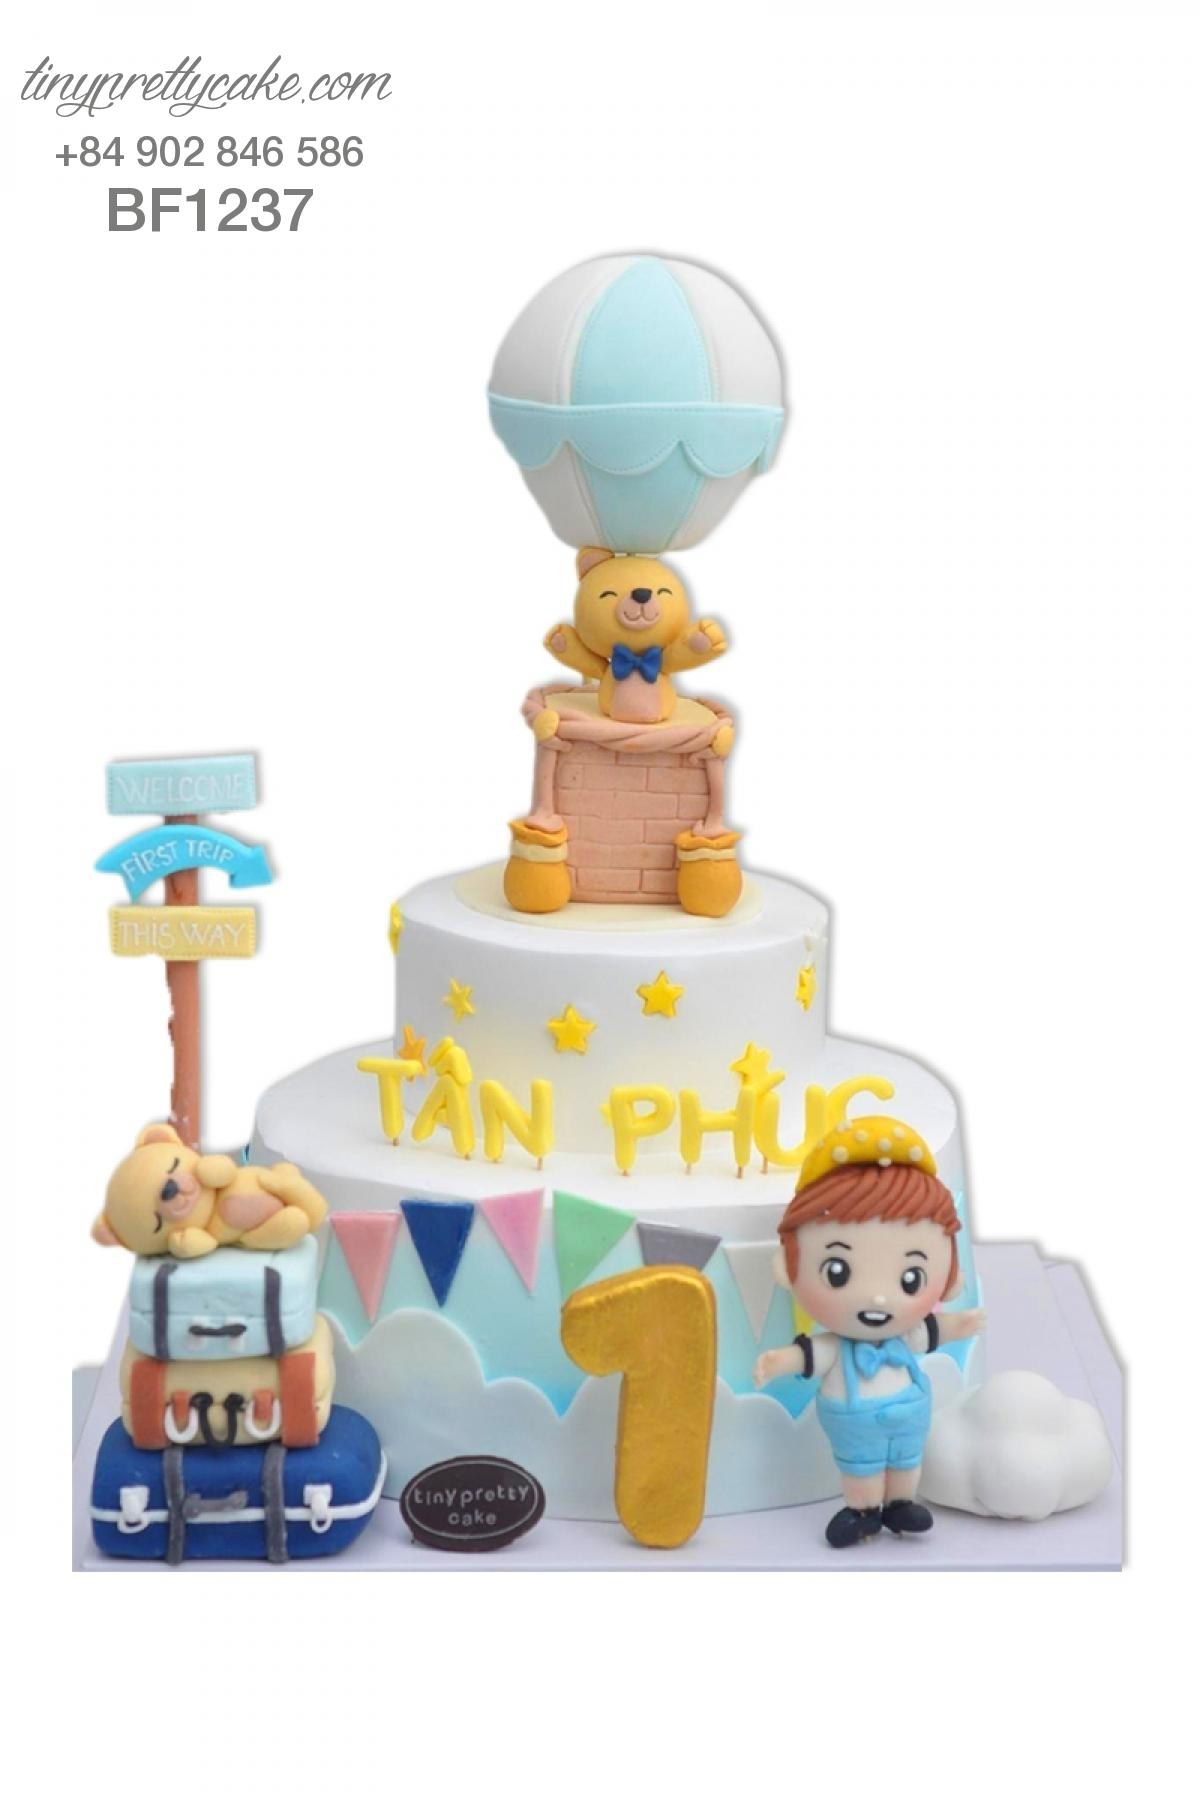 Bánh sinh nhật dễ thương 2 tầng khinh khí cầu gấu con - mừng sinh nhật, thôi nôi cho bé trai tinh nghịch (BF1237)